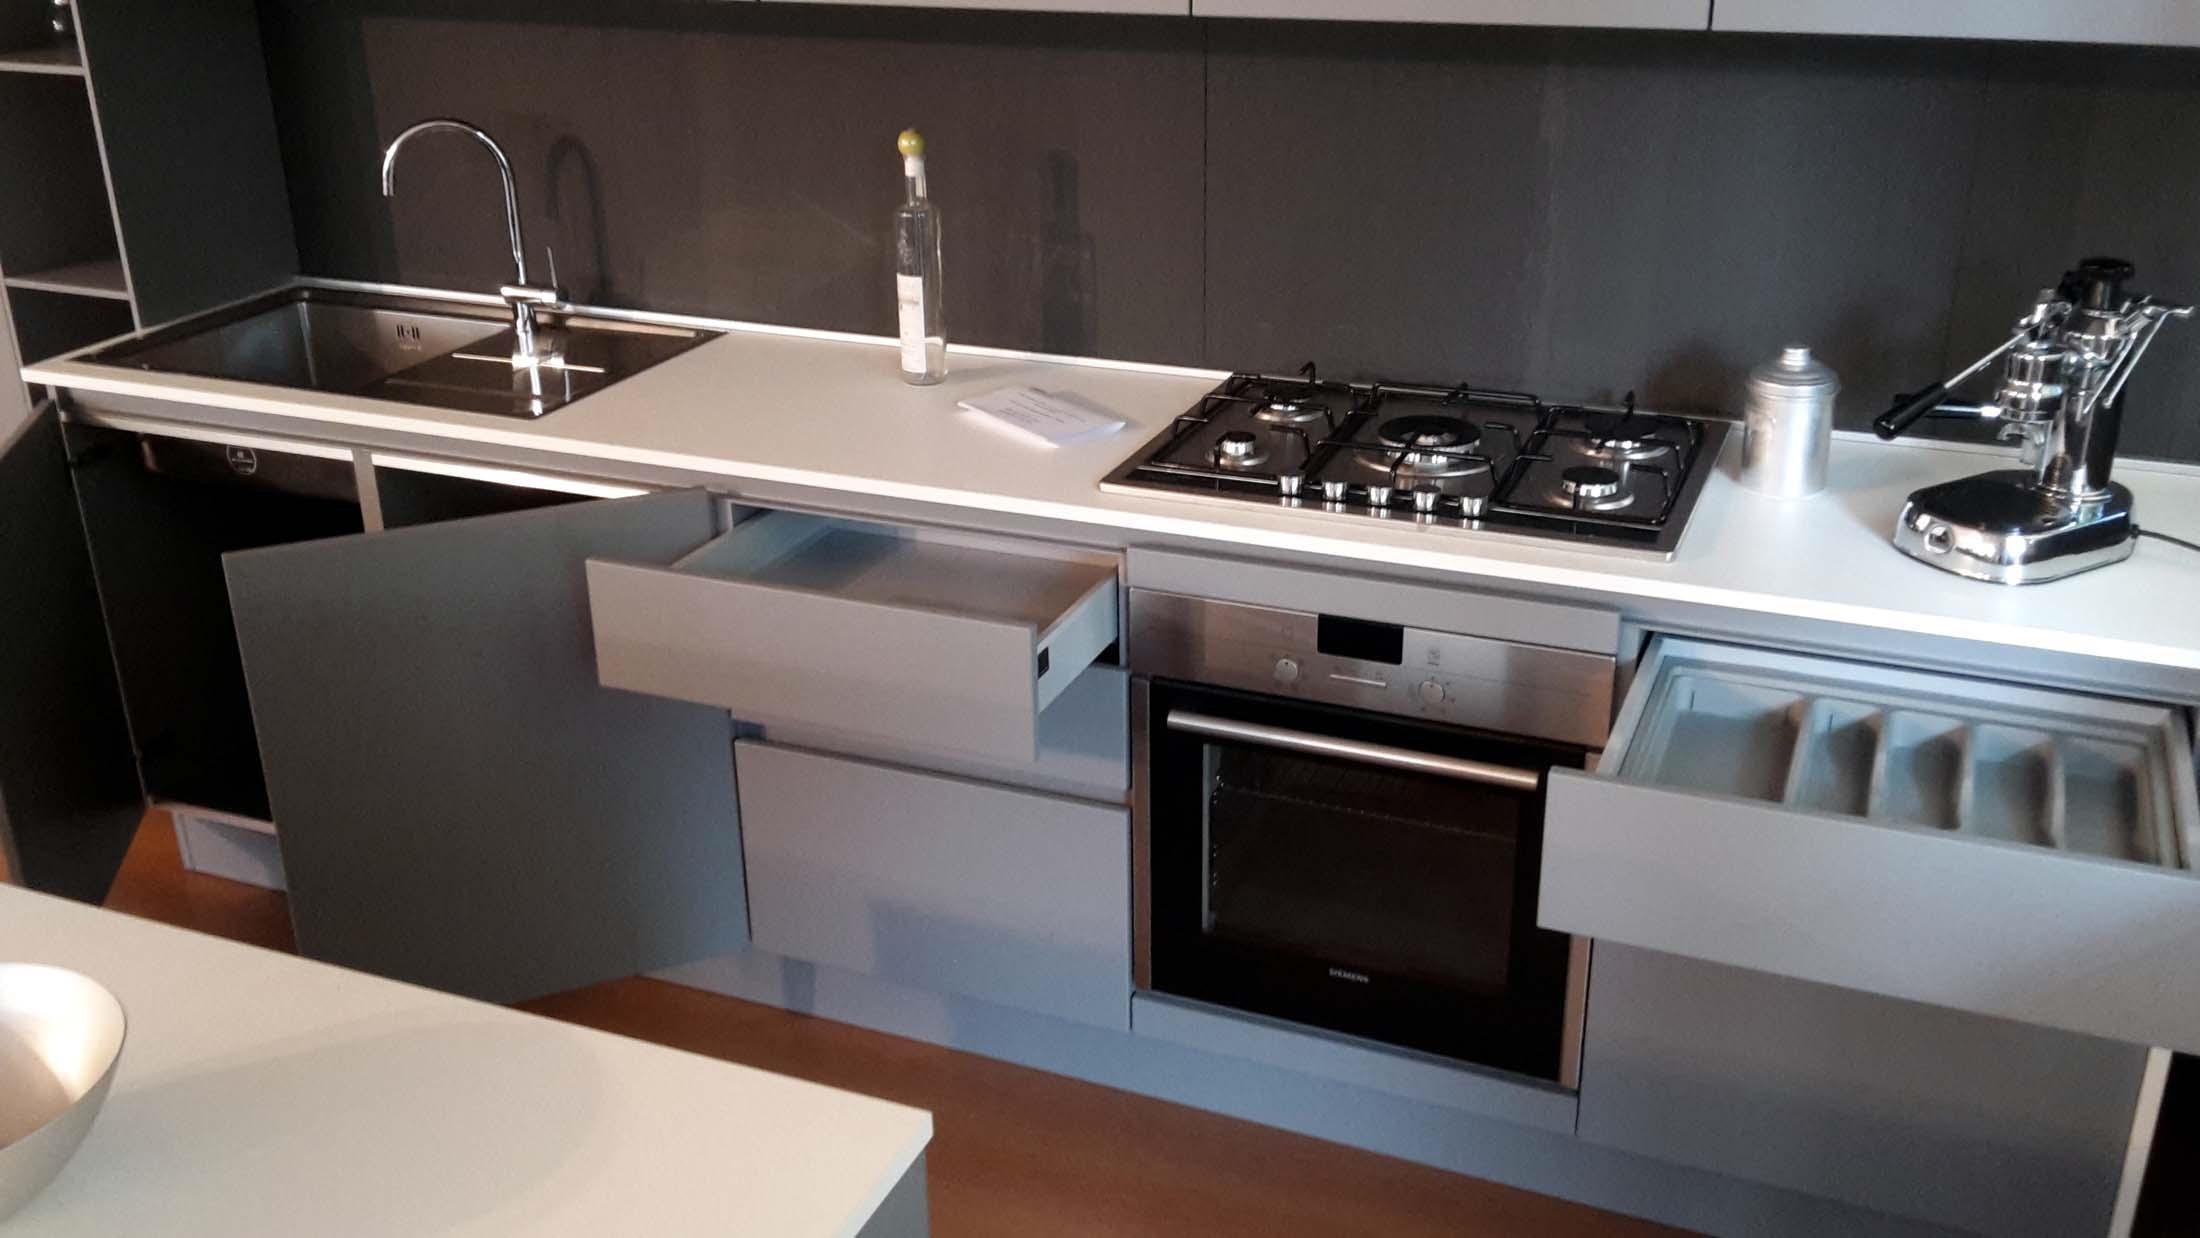 Cucina arrital cucine ak03 laccato opaco cucine a prezzi scontati - Cucine arrital prezzi ...